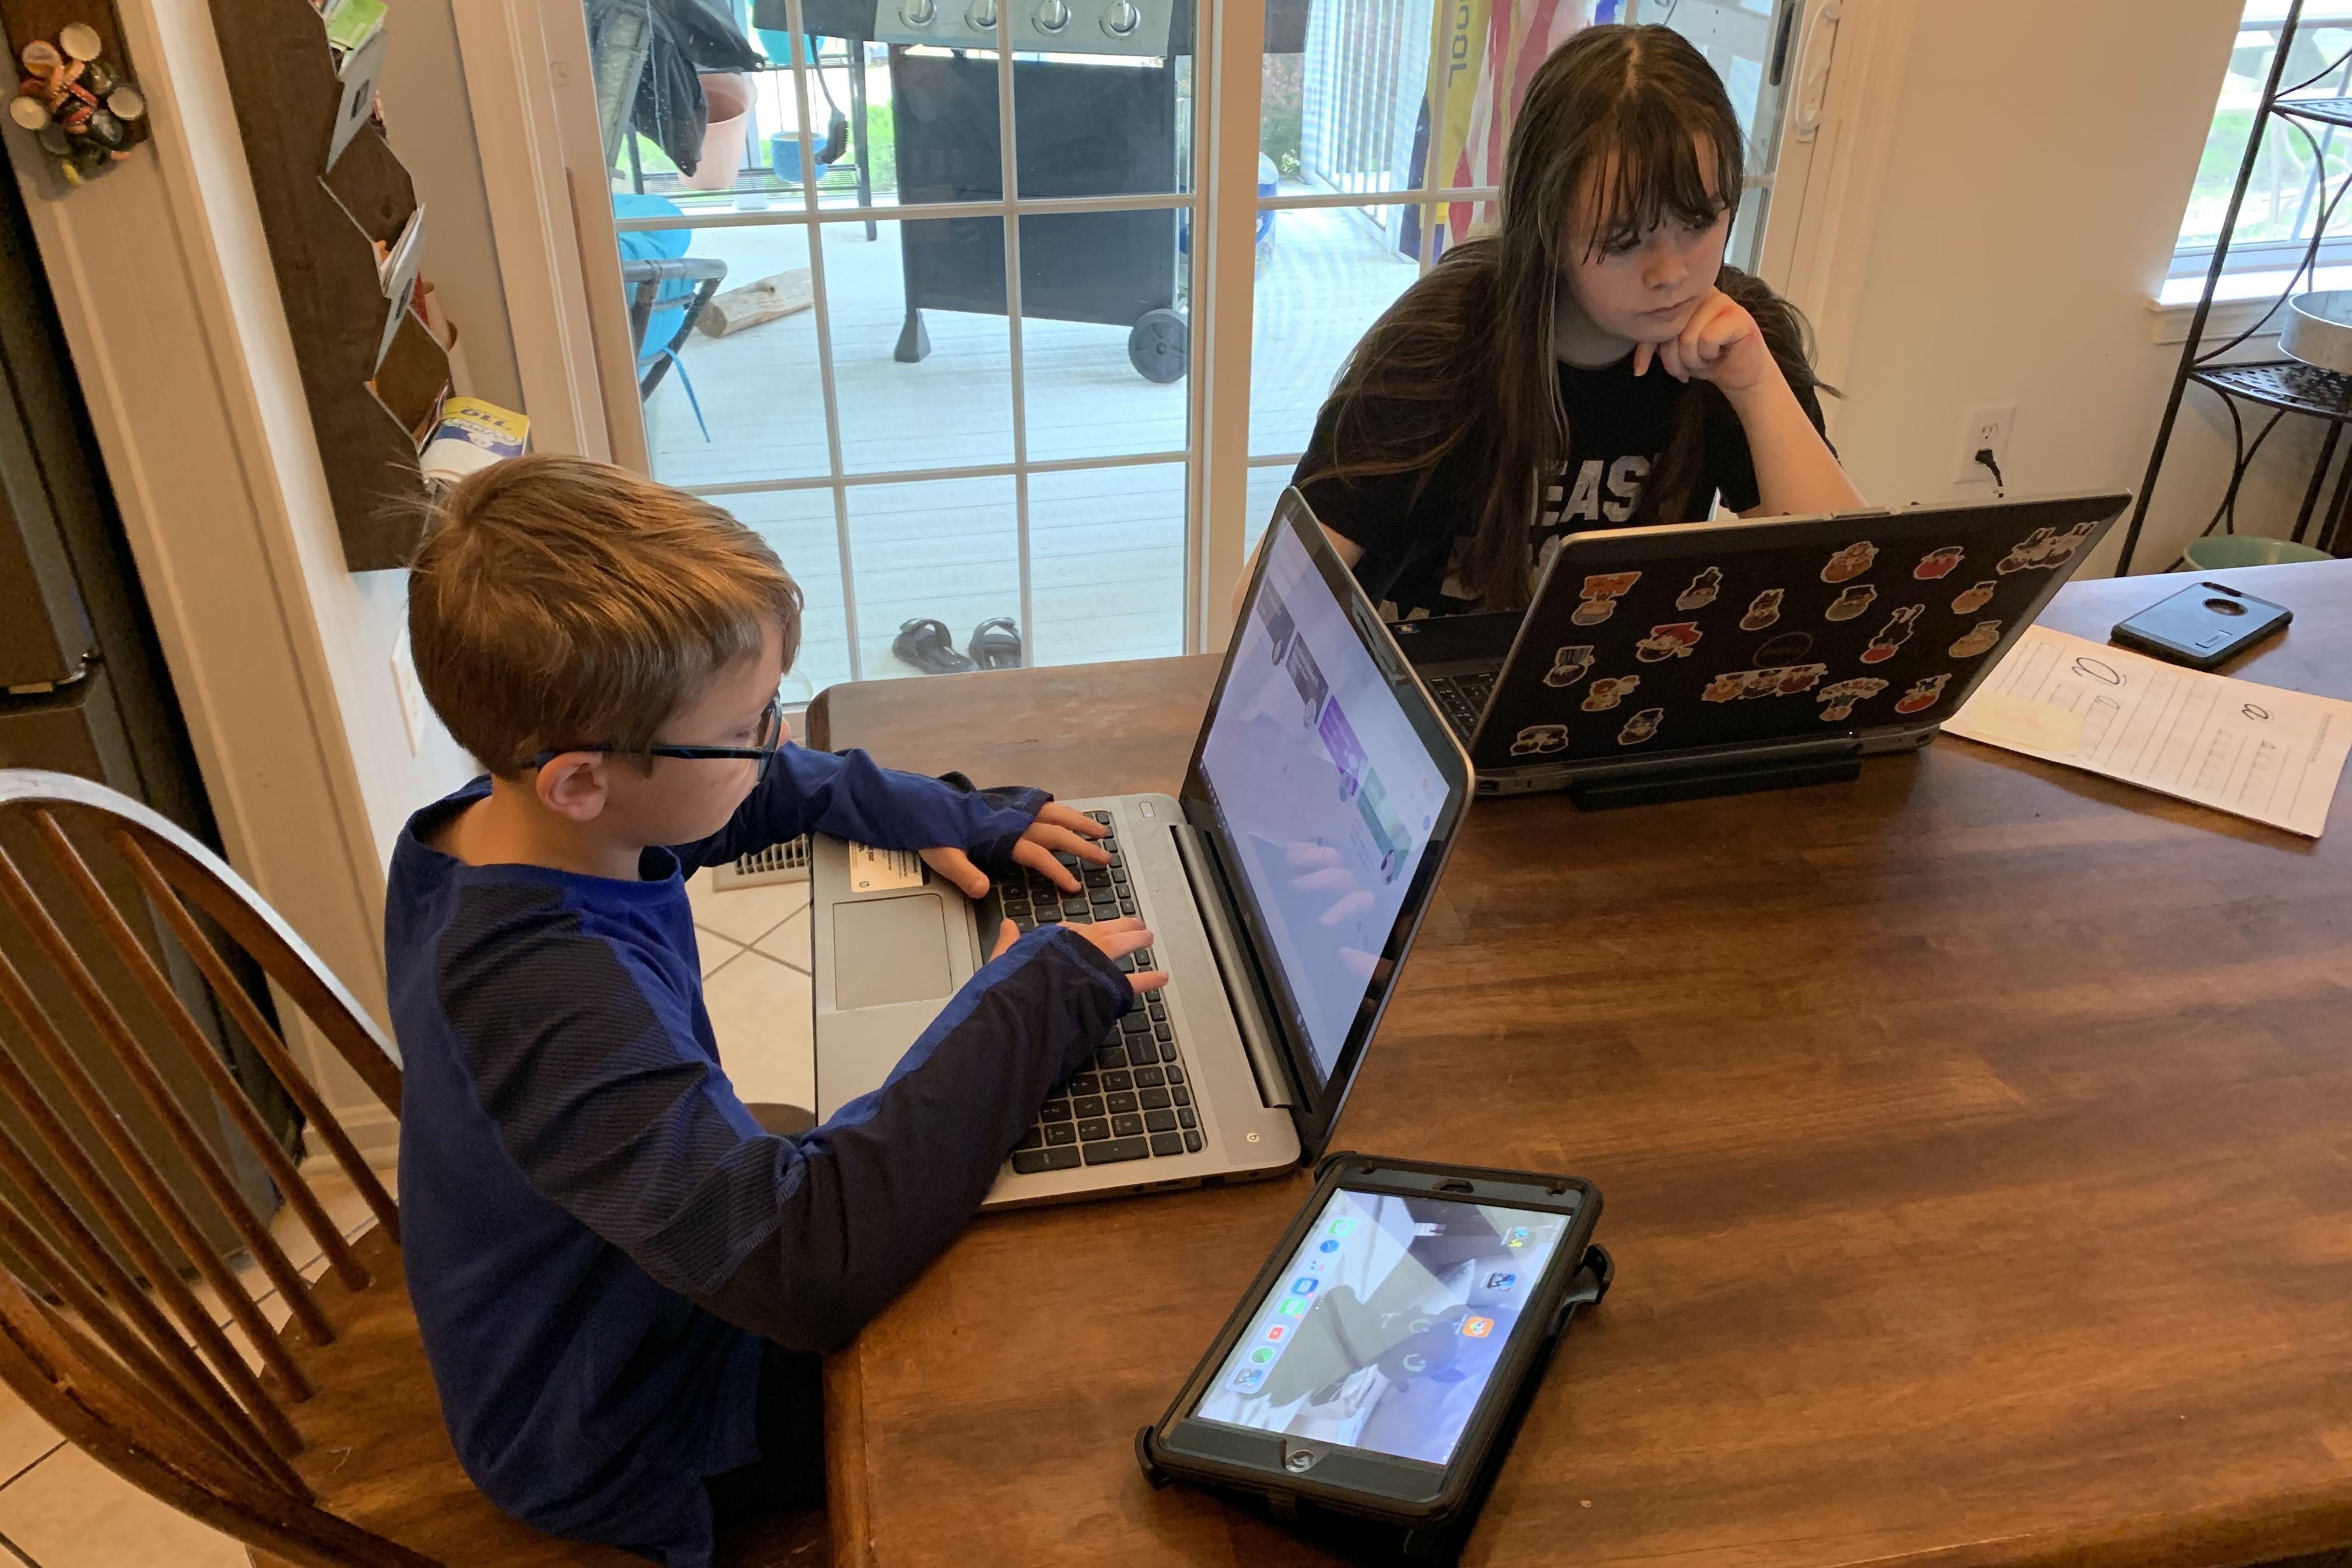 online schooling